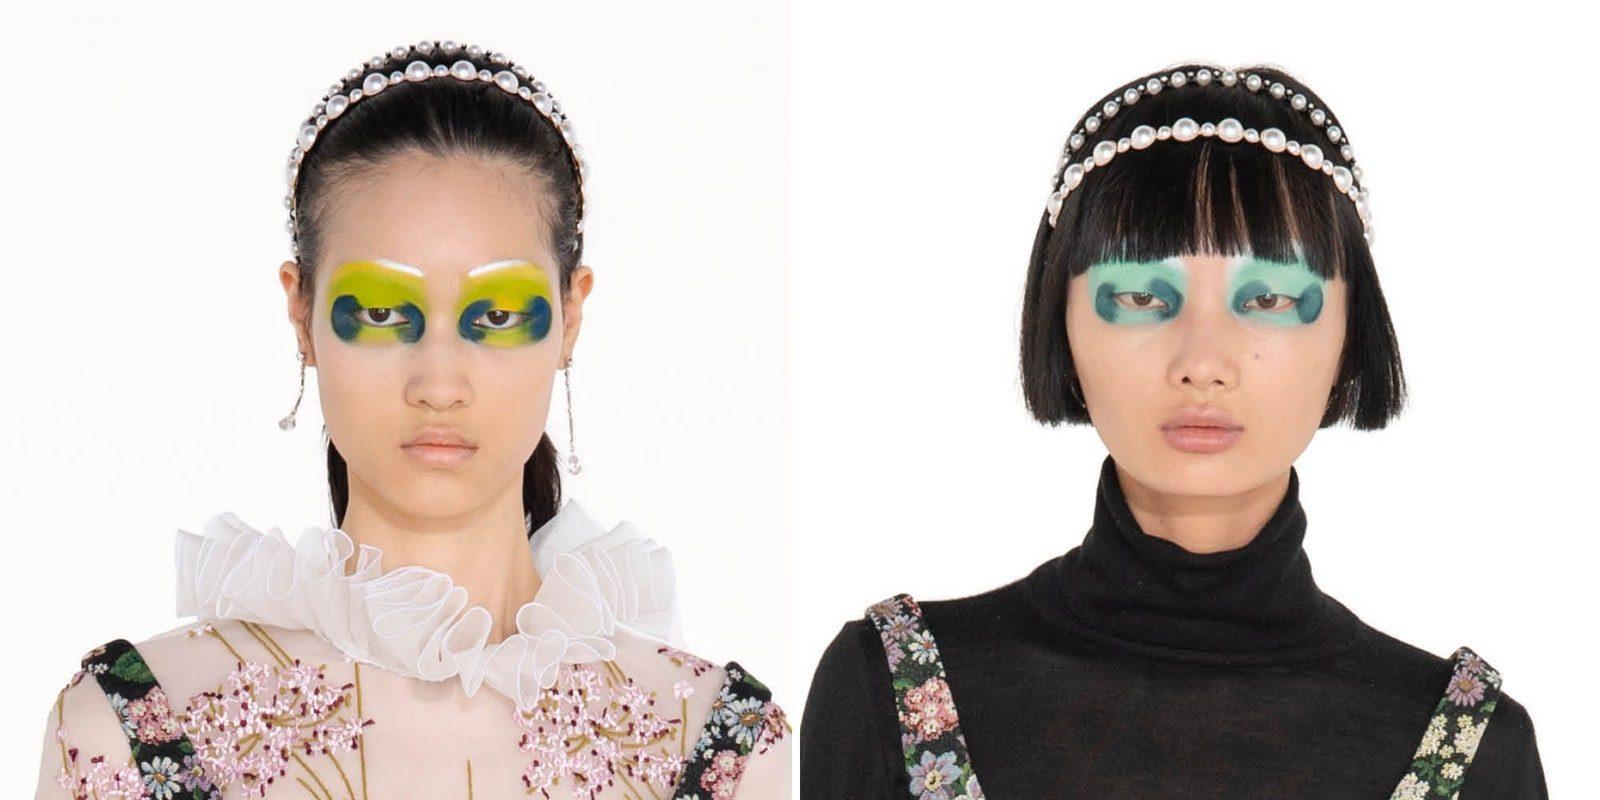 Τα beauty looks που κέντρισαν την προσοχή μας στην Εβδομάδα Μόδας του Παρισιού #PFW